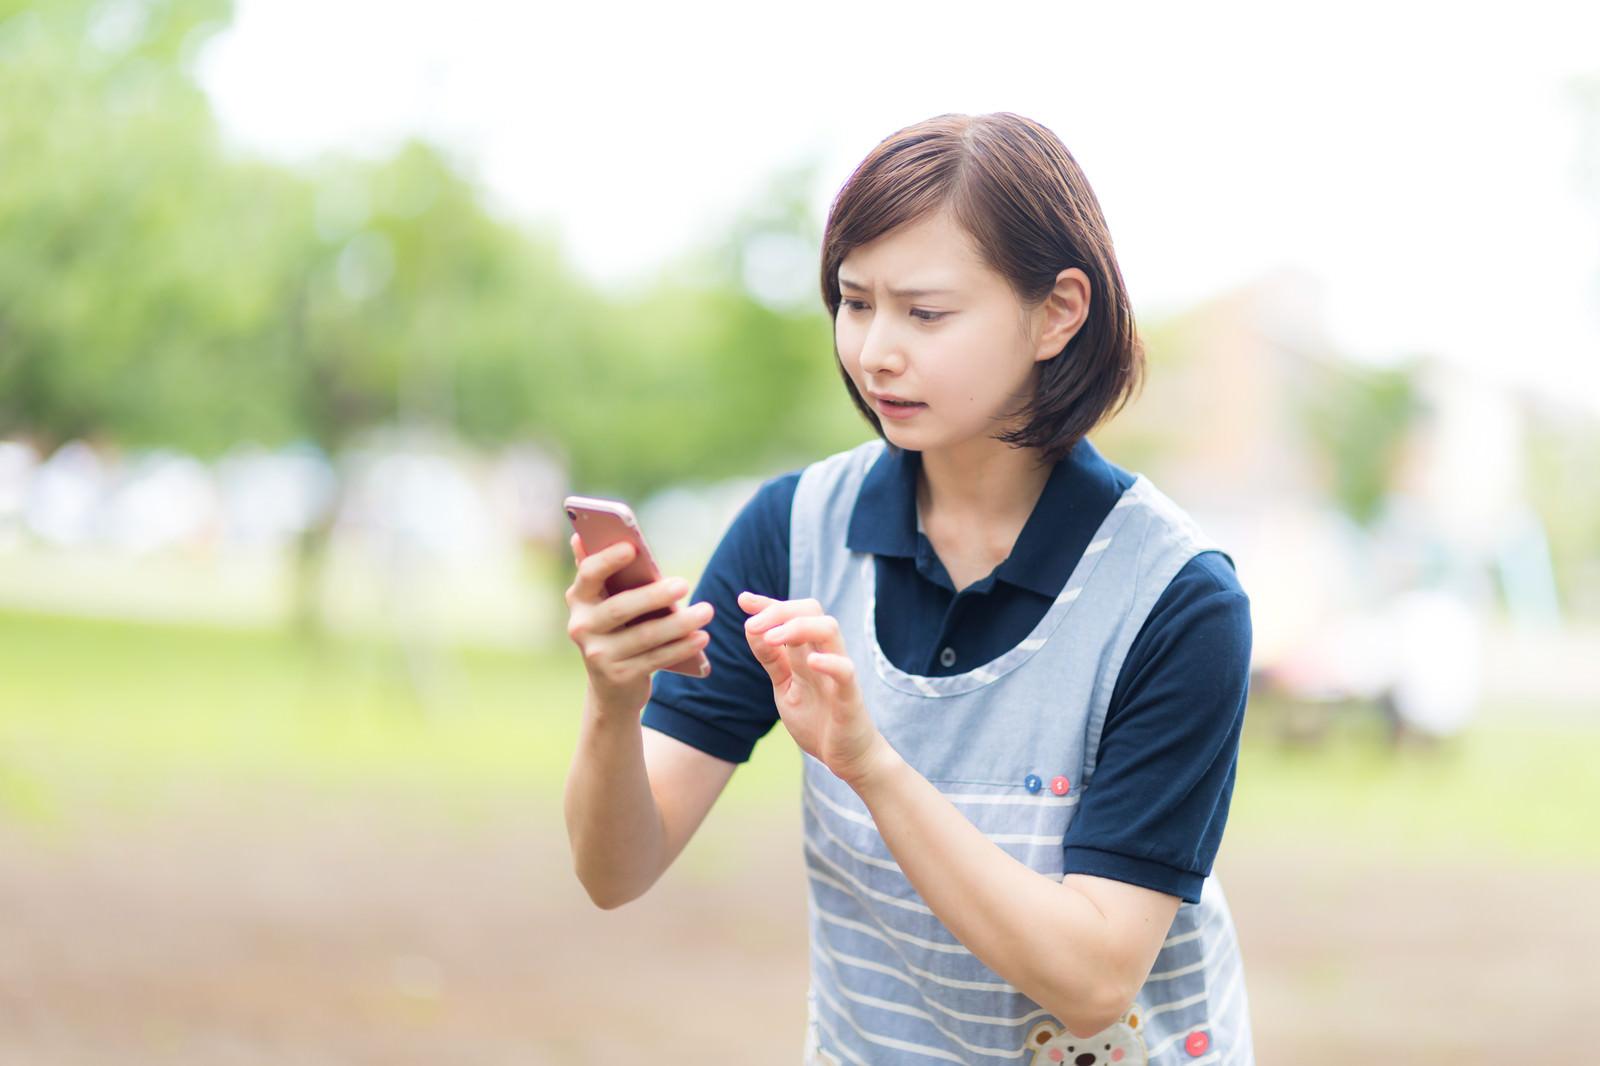 「迷子をスマホのGPSで探すエプロン姿の介護士」の写真[モデル:yumiko]